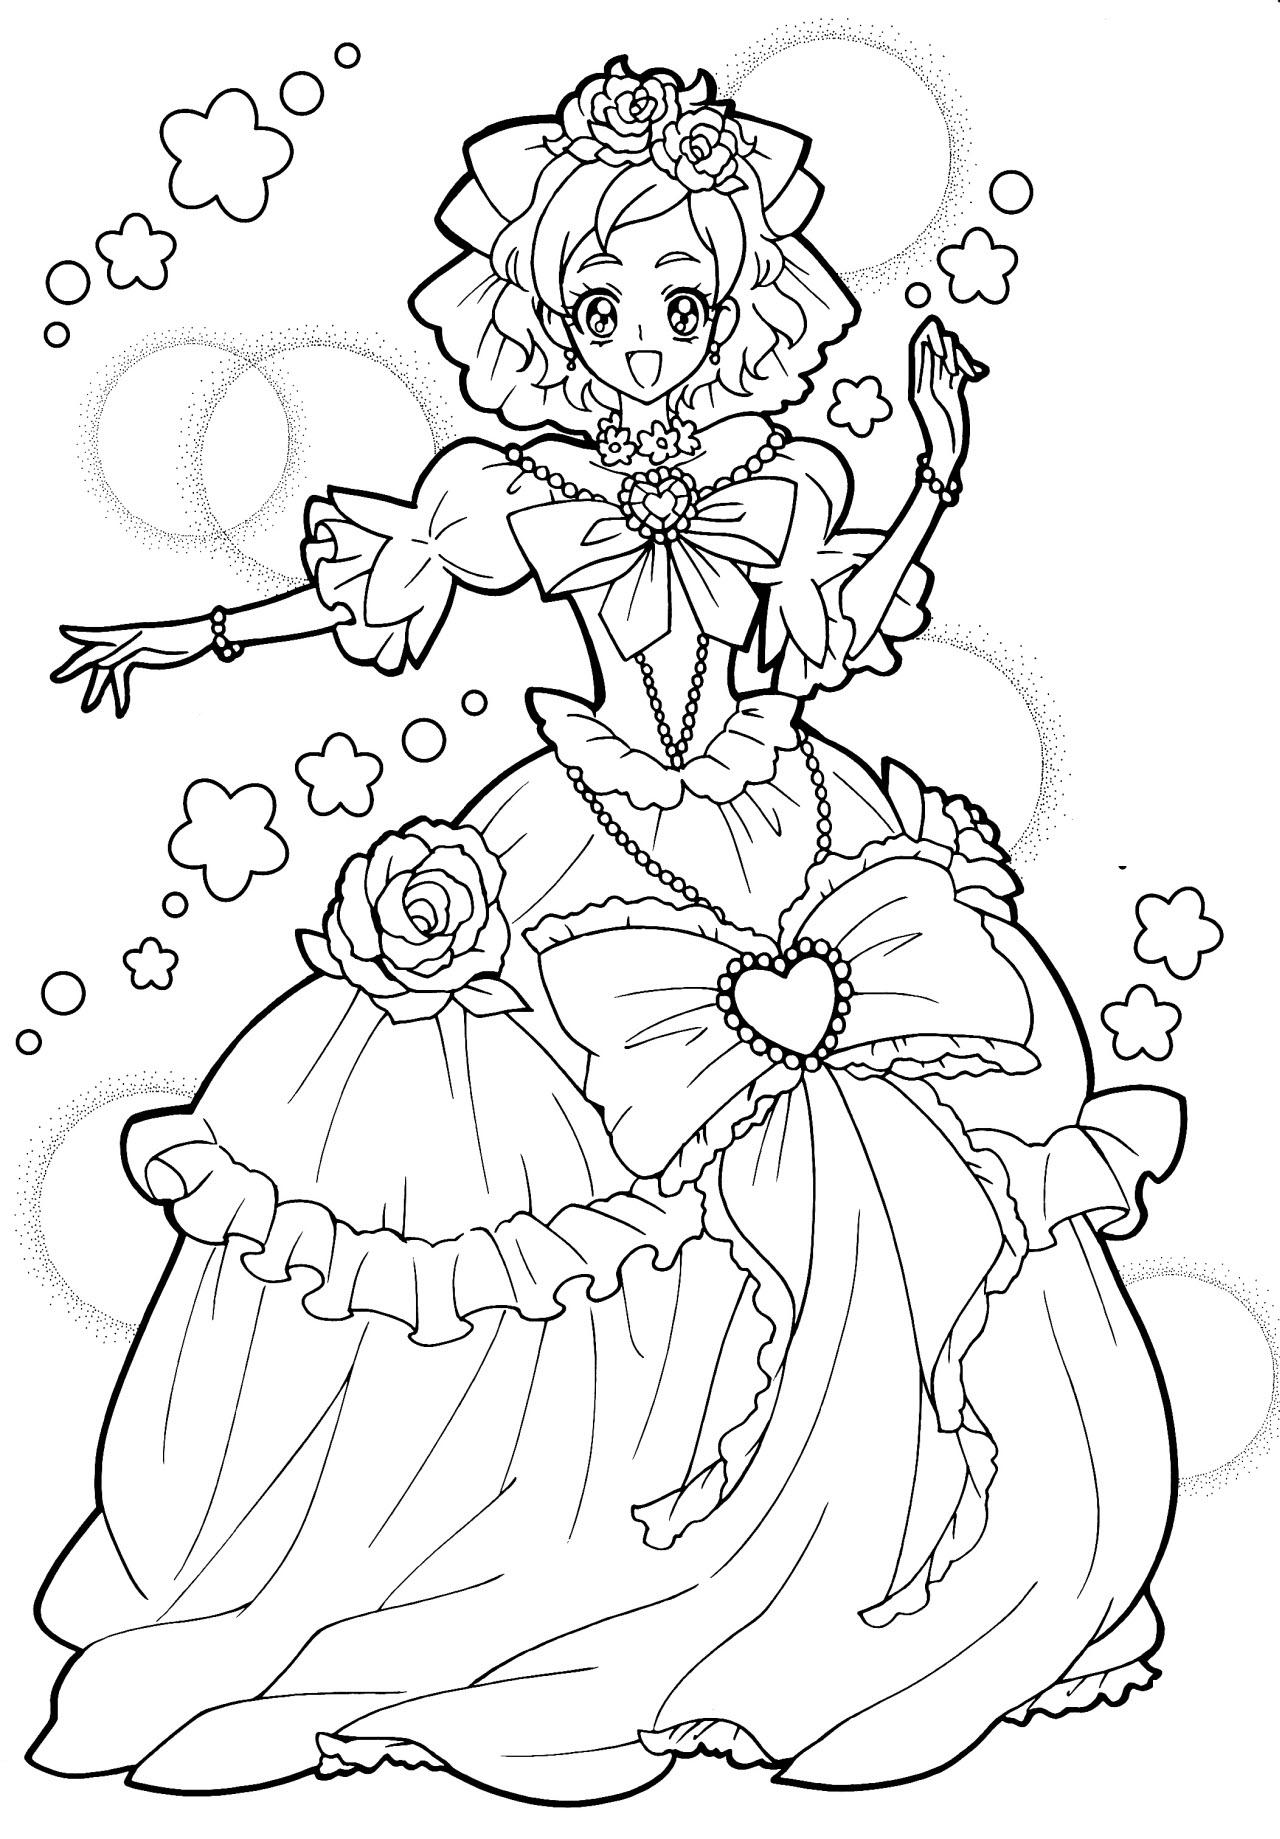 Tranh tô màu công chúa anime dễ thương